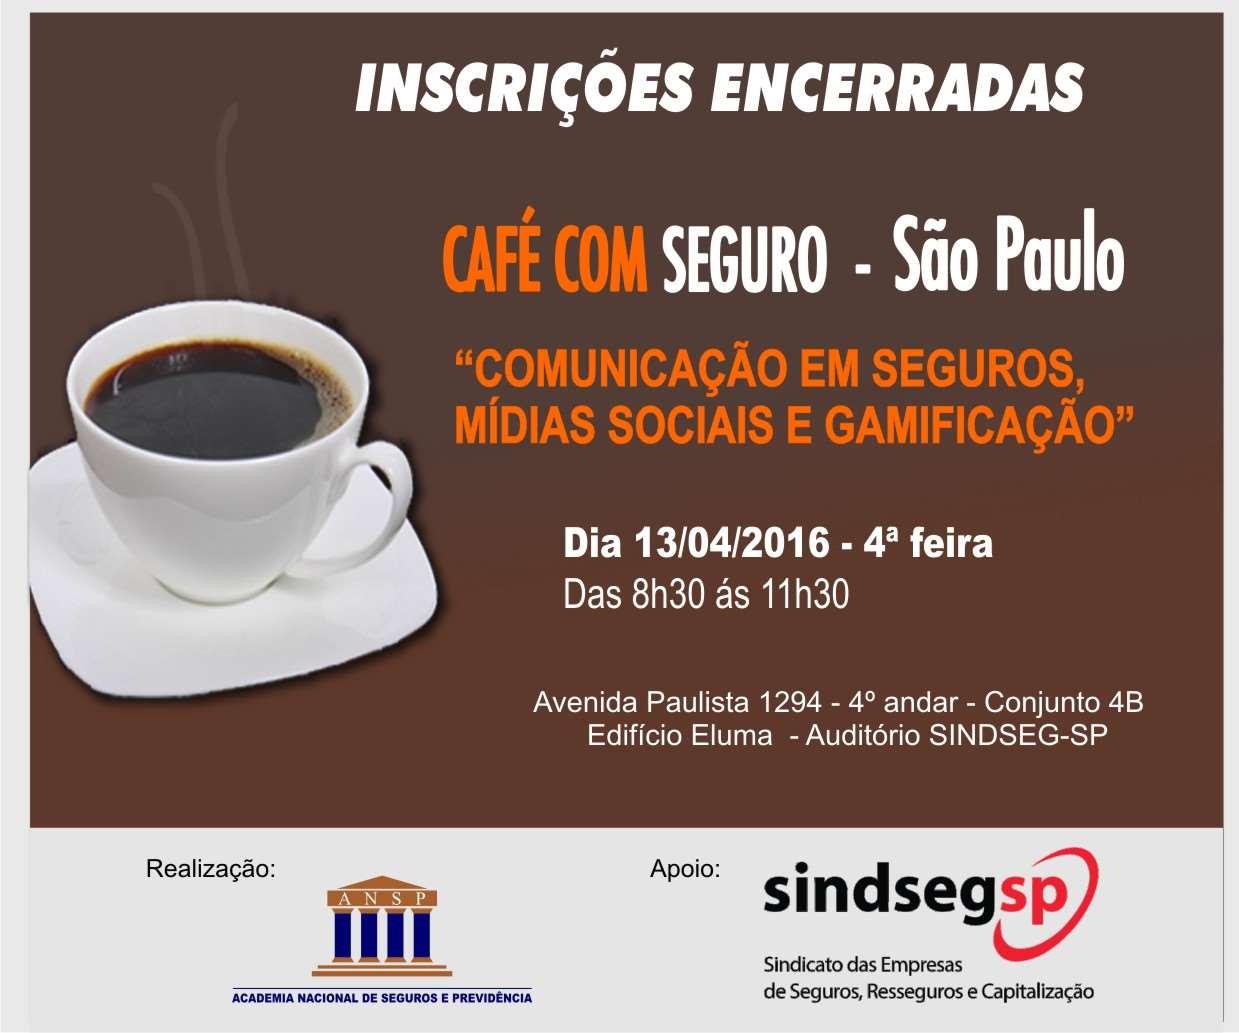 ANSP abordará Comunicação em Seguros, Mídias Sociais e Gamificação em evento